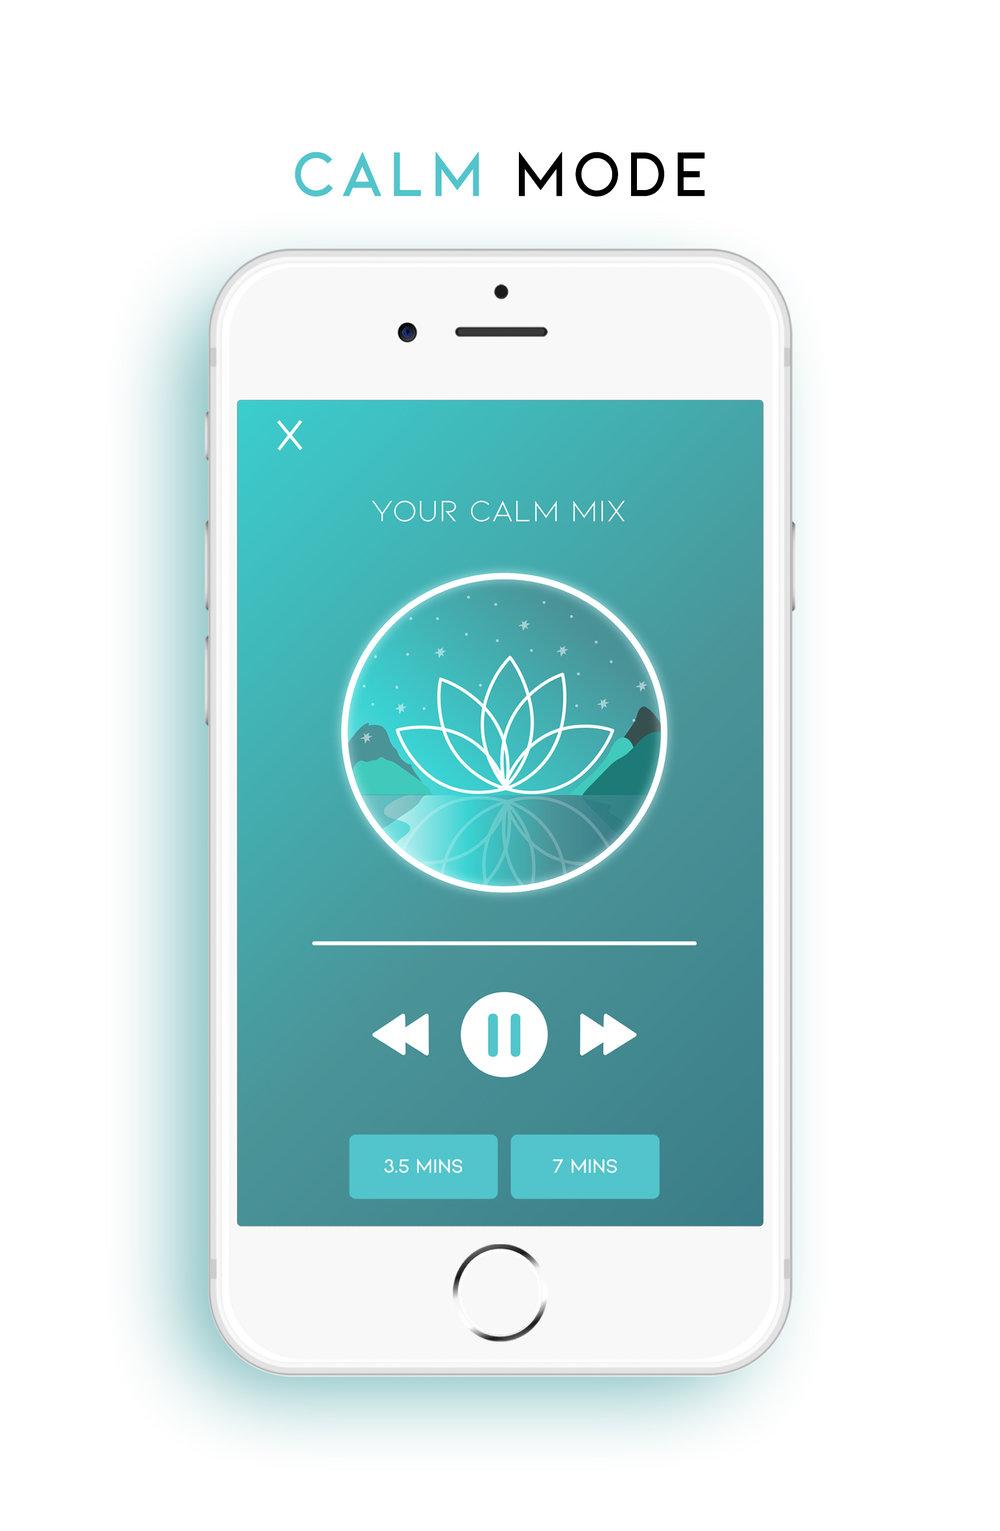 Calm_phone screenshot.jpg